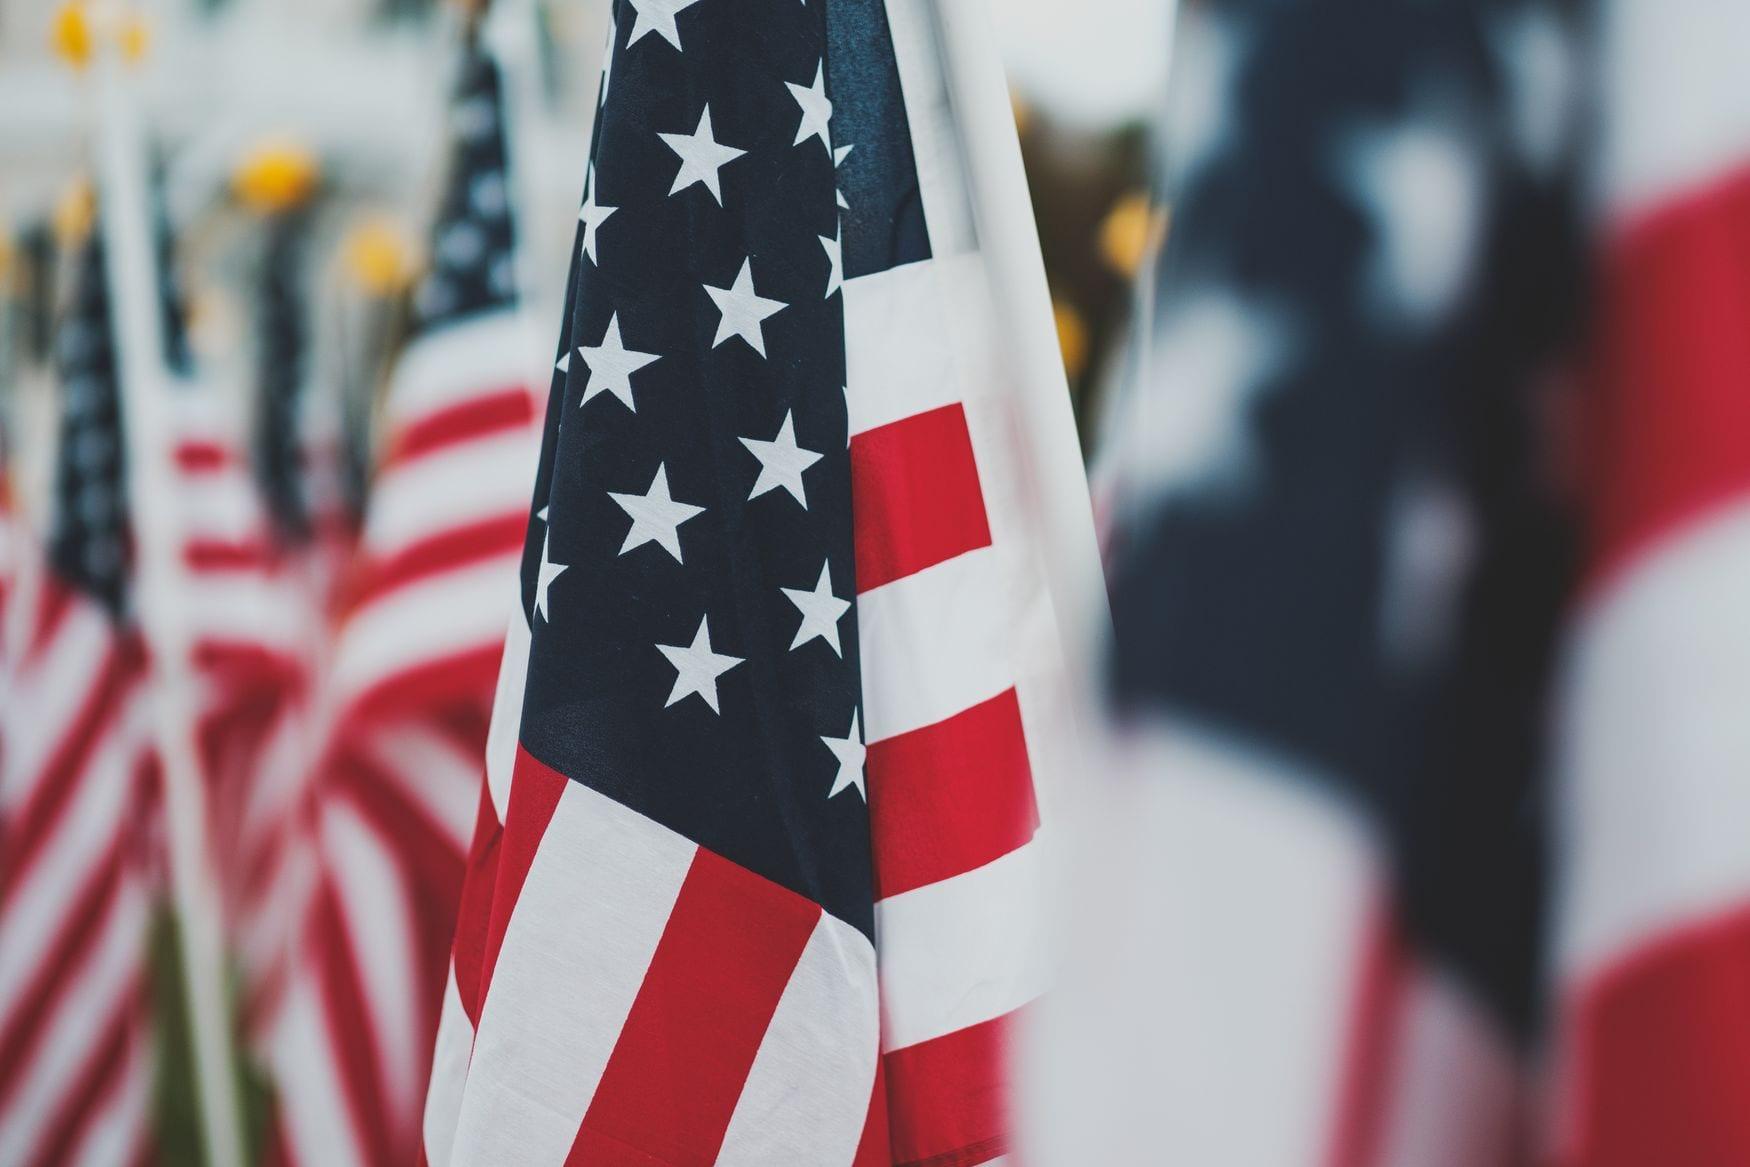 Laurus College Blog – Laurus College recognizes U.S. Constitution Day 2017